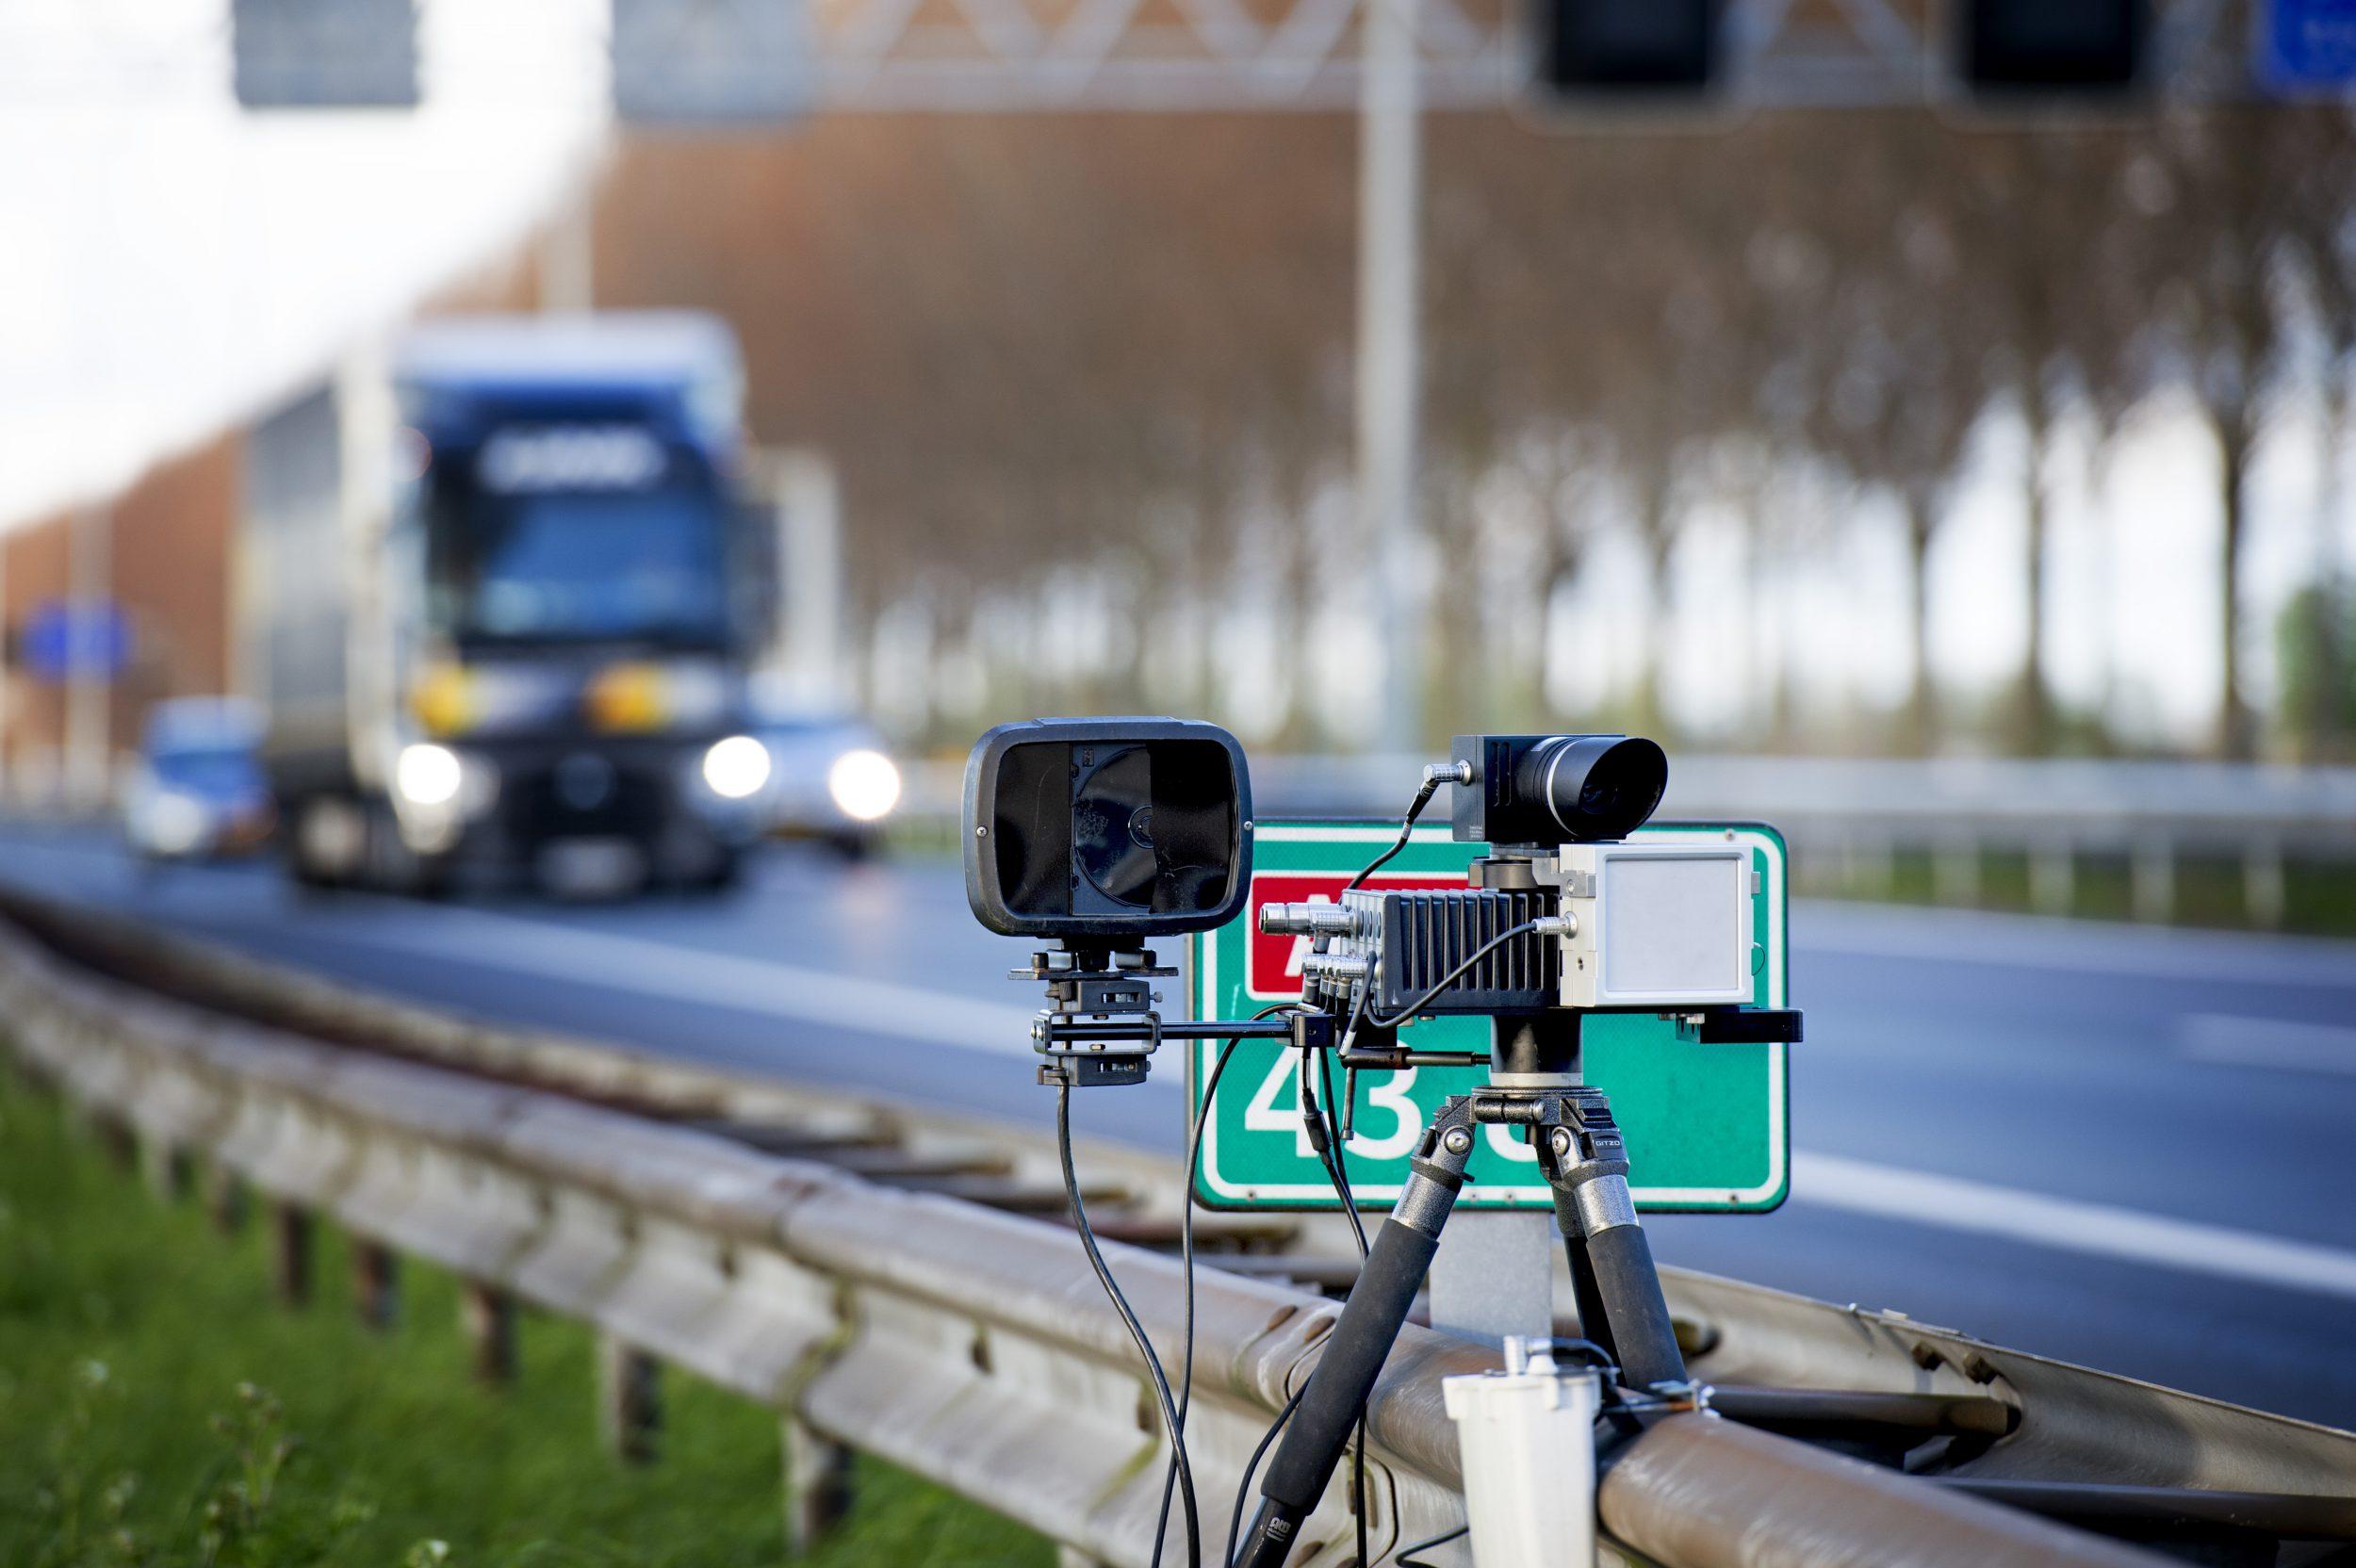 Verkeersboetes 2018, de nieuwe tarieven zijn bekend - Bynco - online ...